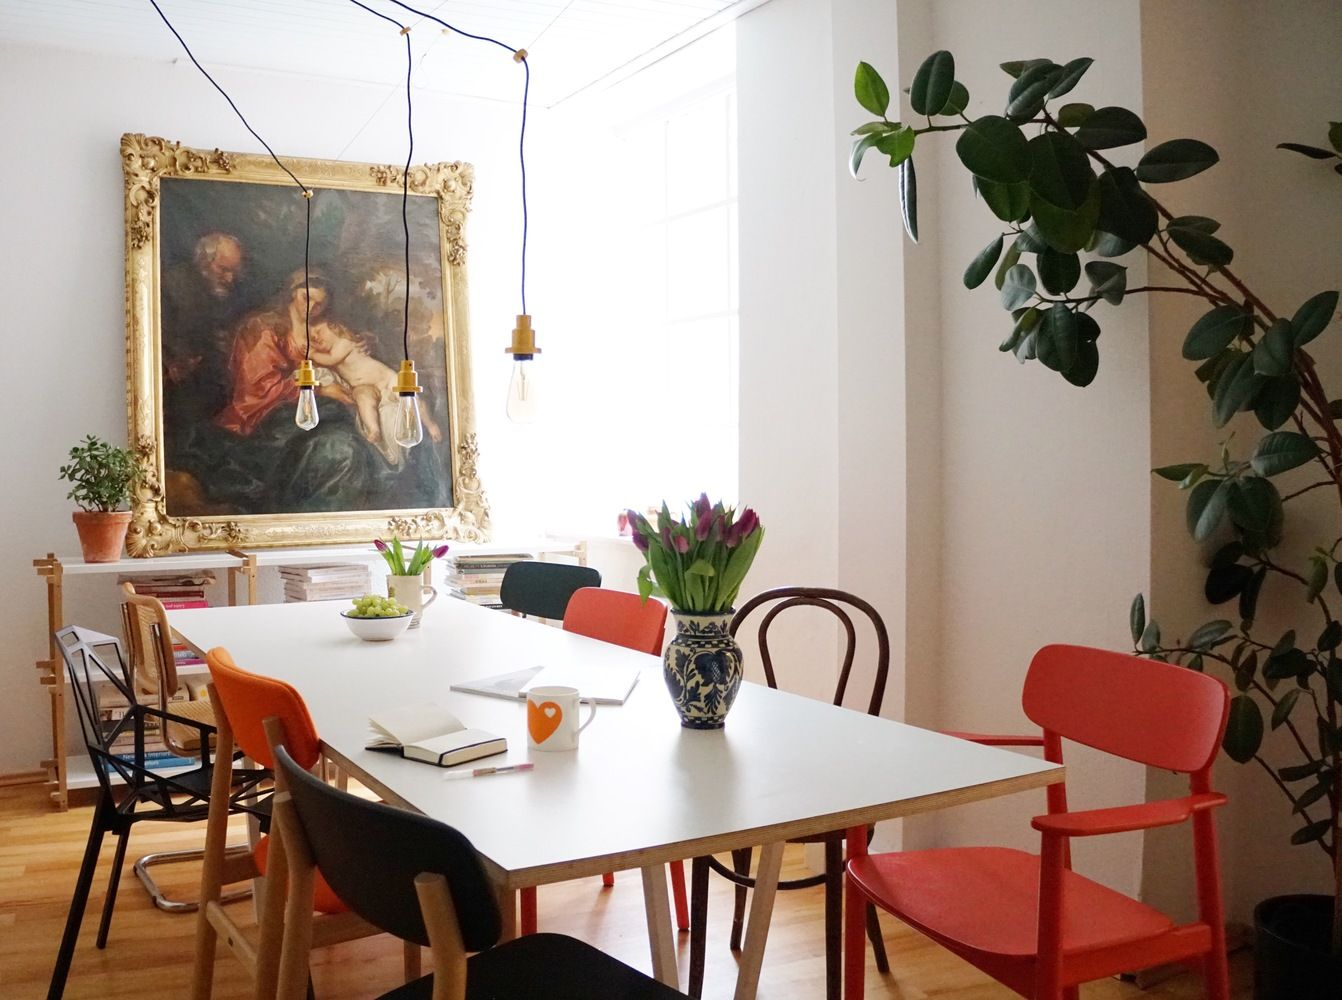 Erleuchtung im SoLebIch Büro & Osram Vintage Leuchten zu gewinnen